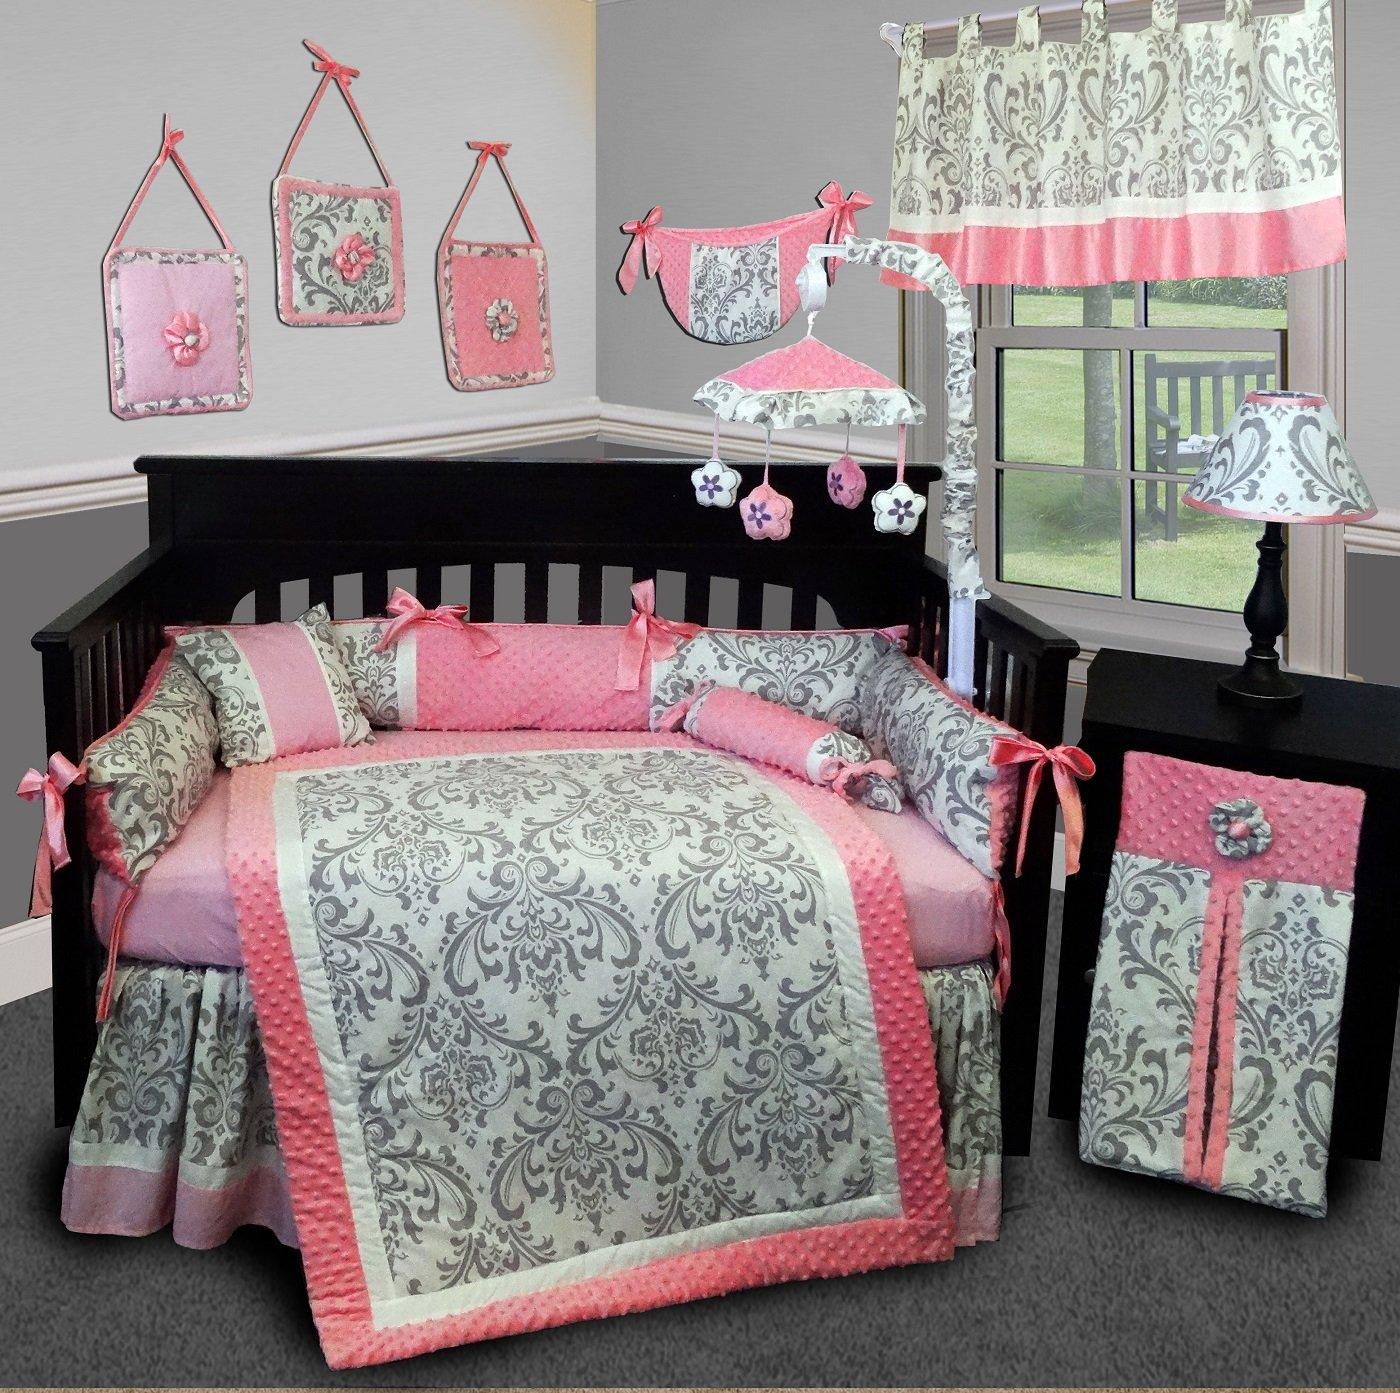 SISI Baby Bedding - Grey Damask 15 PCS Crib Bedding Set by Sisi   B01DCMS7J8